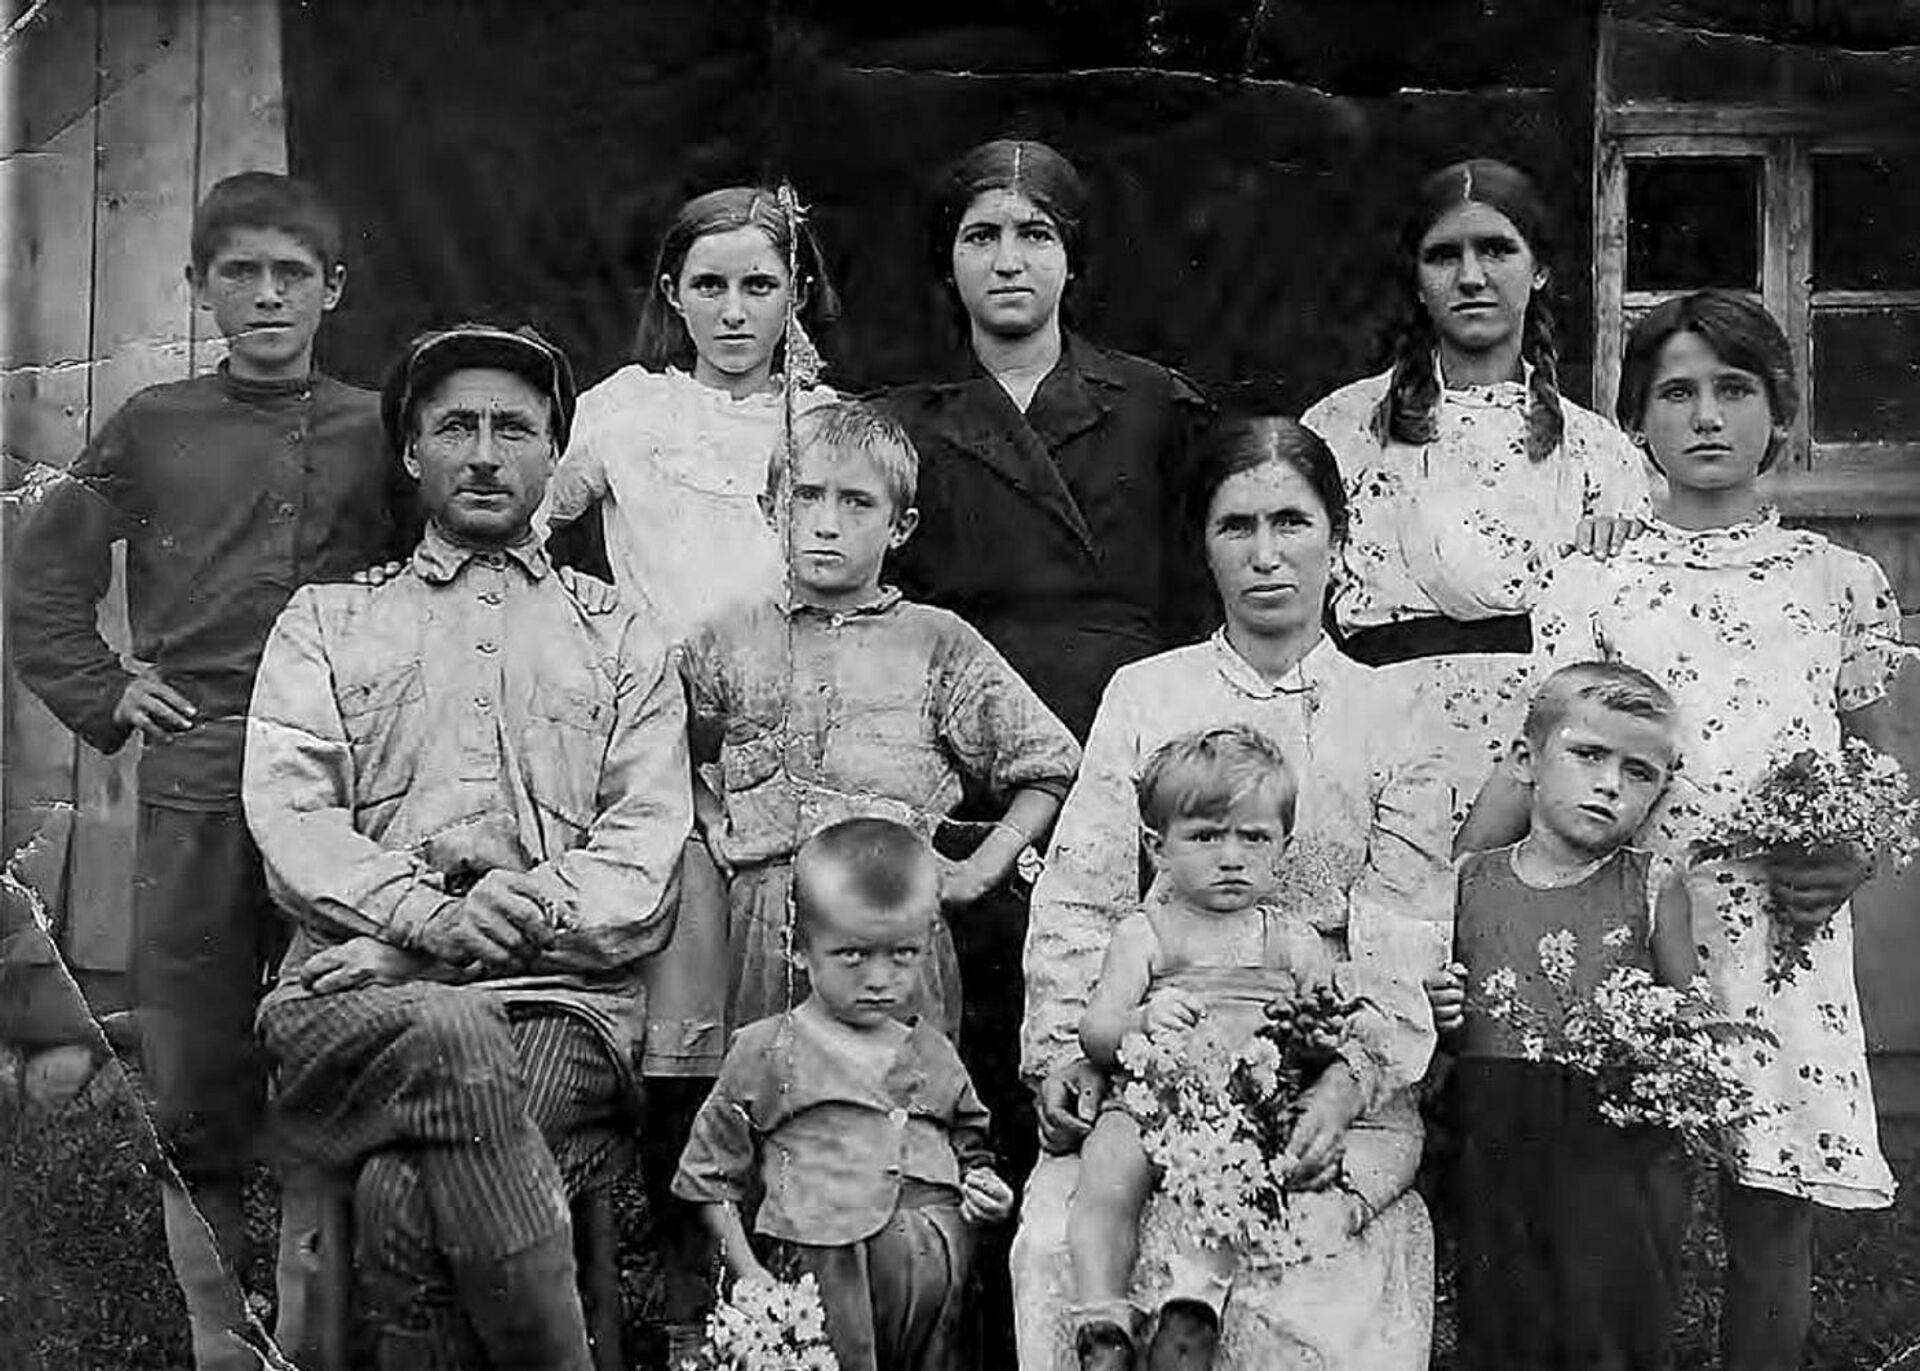 Шьаадаҭ Аџьба иҭаацәара ду. Ҵаҟа игылоу Таиф хәыҷ иоуп (семья Таифа Аджба. внизу стоит с цветами самый маленький поет Таиф Аджба) - Sputnik Аҧсны, 1920, 12.10.2021